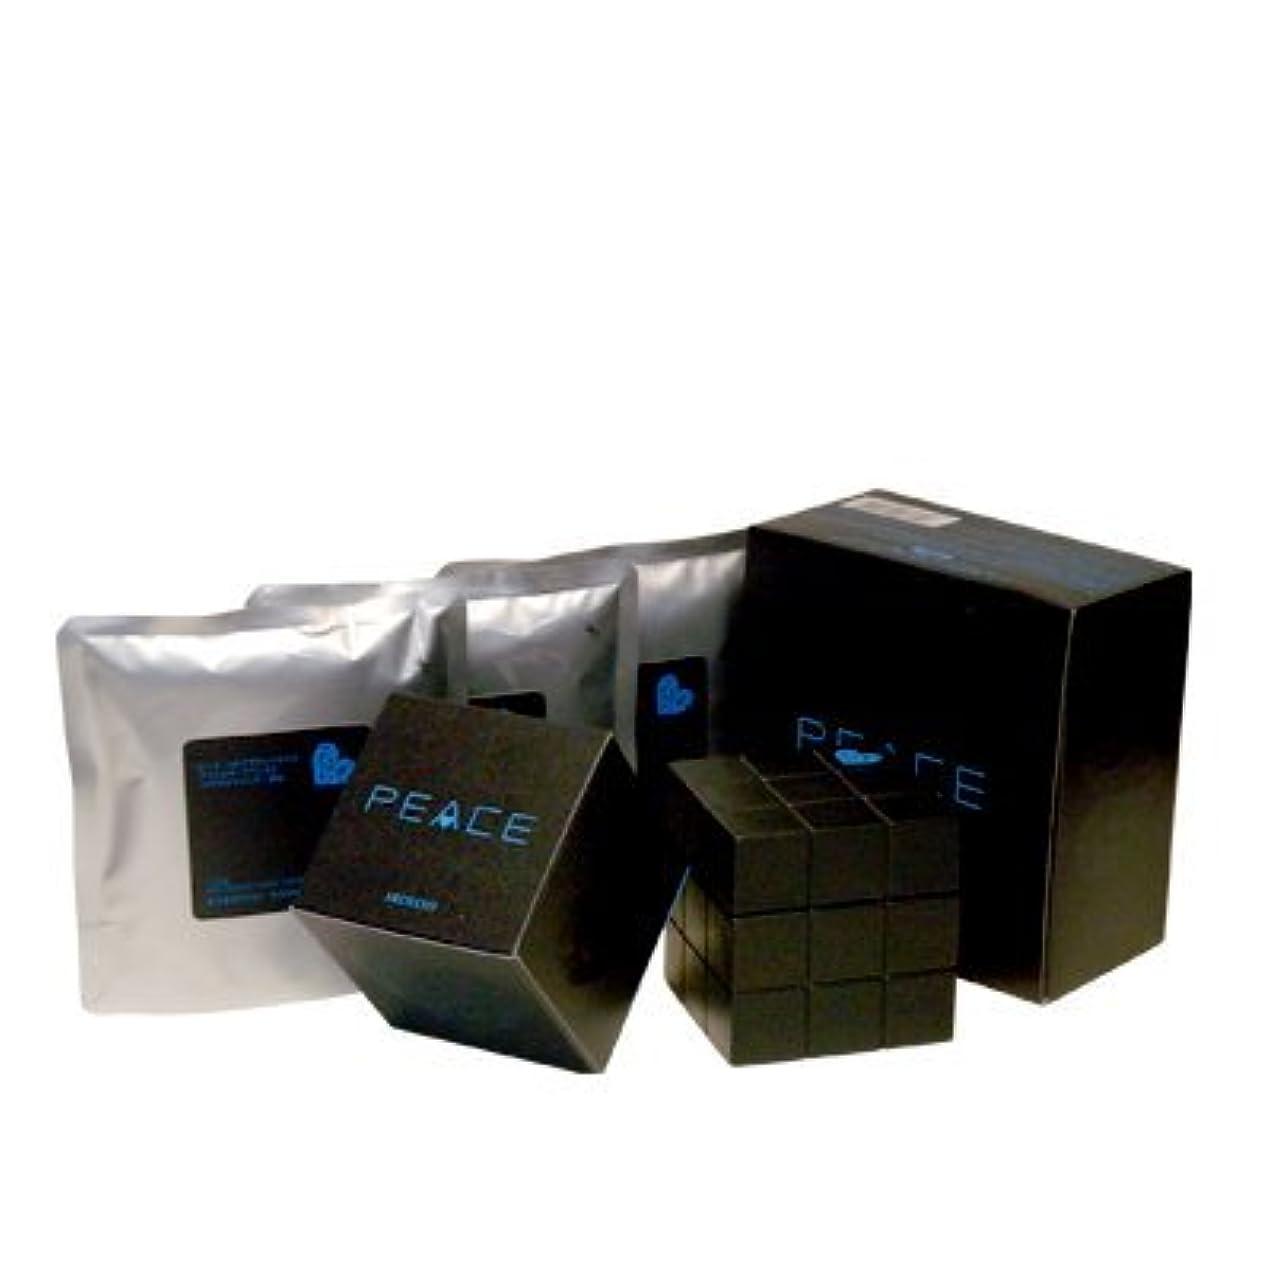 賞賛するピグマリオン年金受給者アリミノ ピース プロデザインシリーズ フリーズキープワックス ブラック80g+詰め替え80g×3